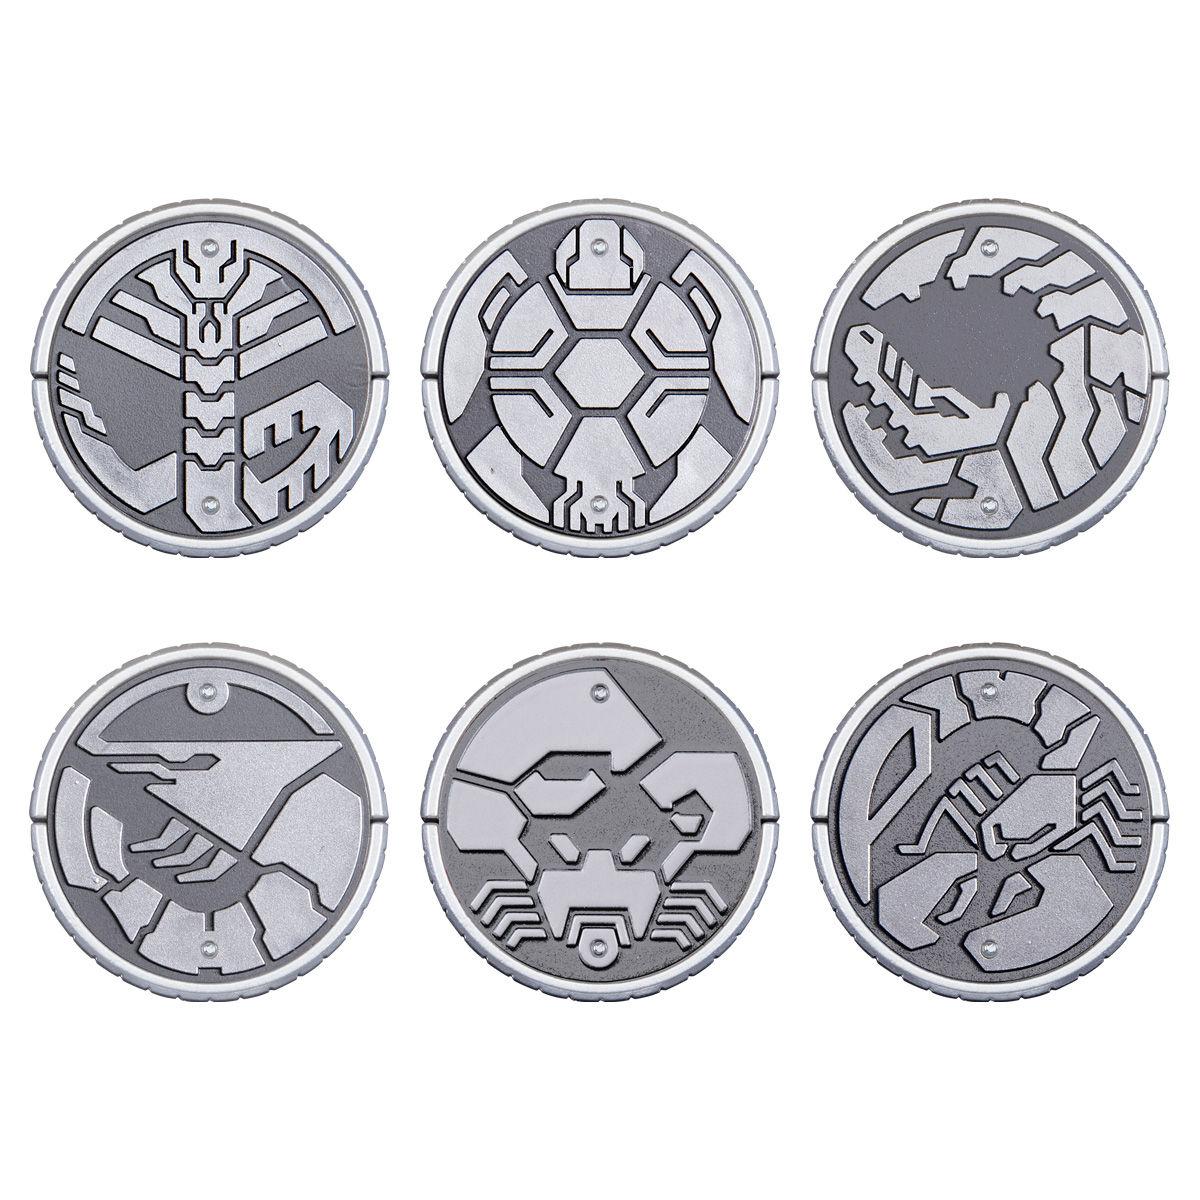 【限定販売】仮面ライダーオーズ『CSMセルメダル』変身なりきり-005